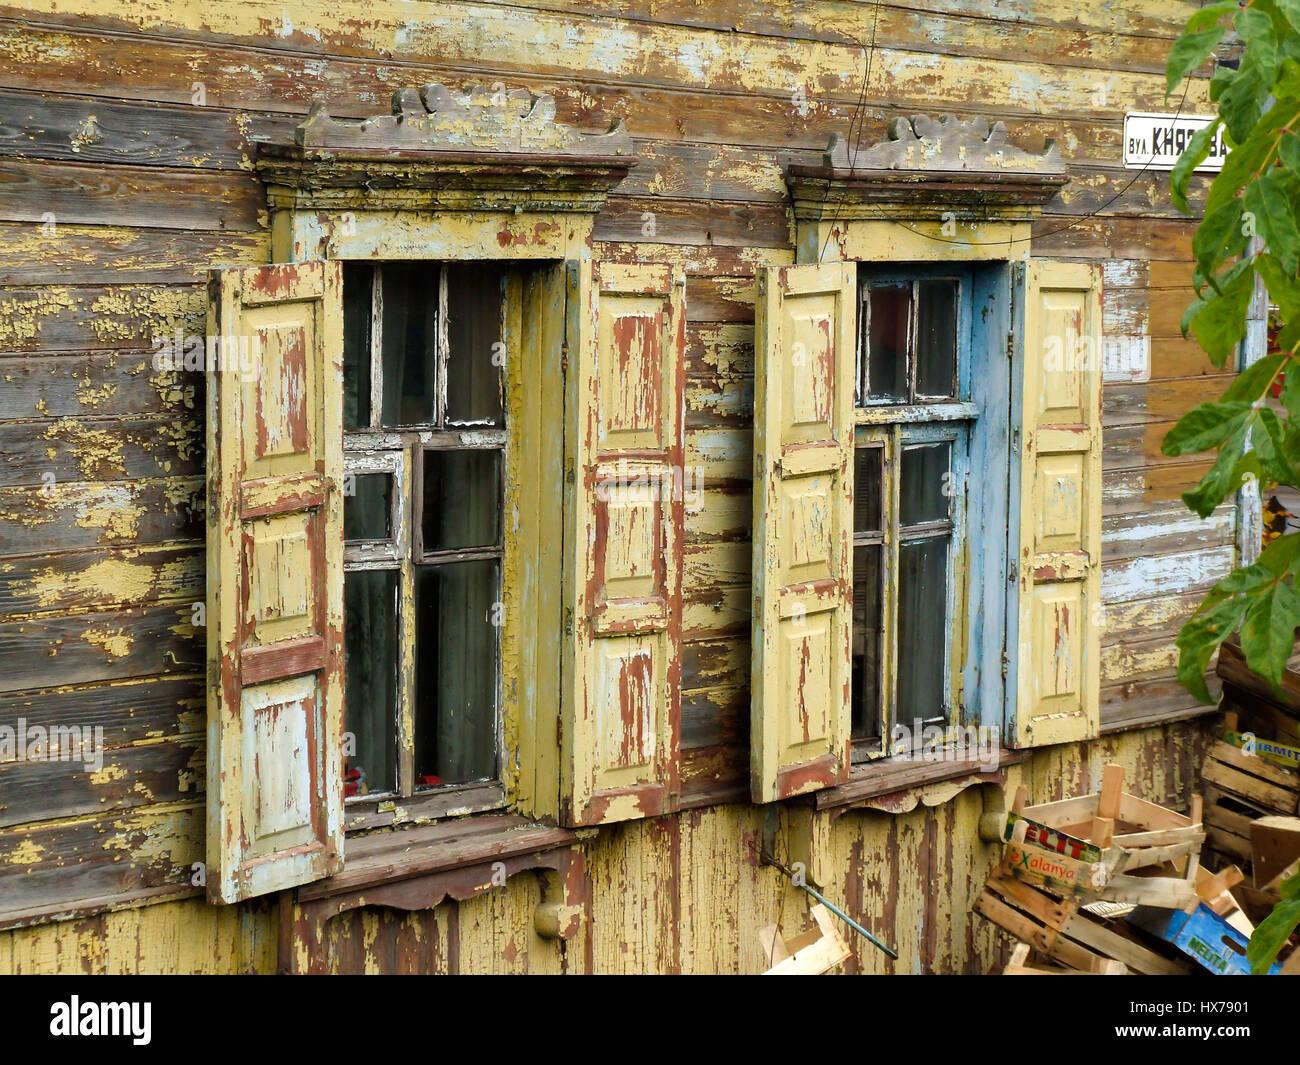 Rivestimento Casa In Legno : Una tradizionale casa russo di legno o di legname e con